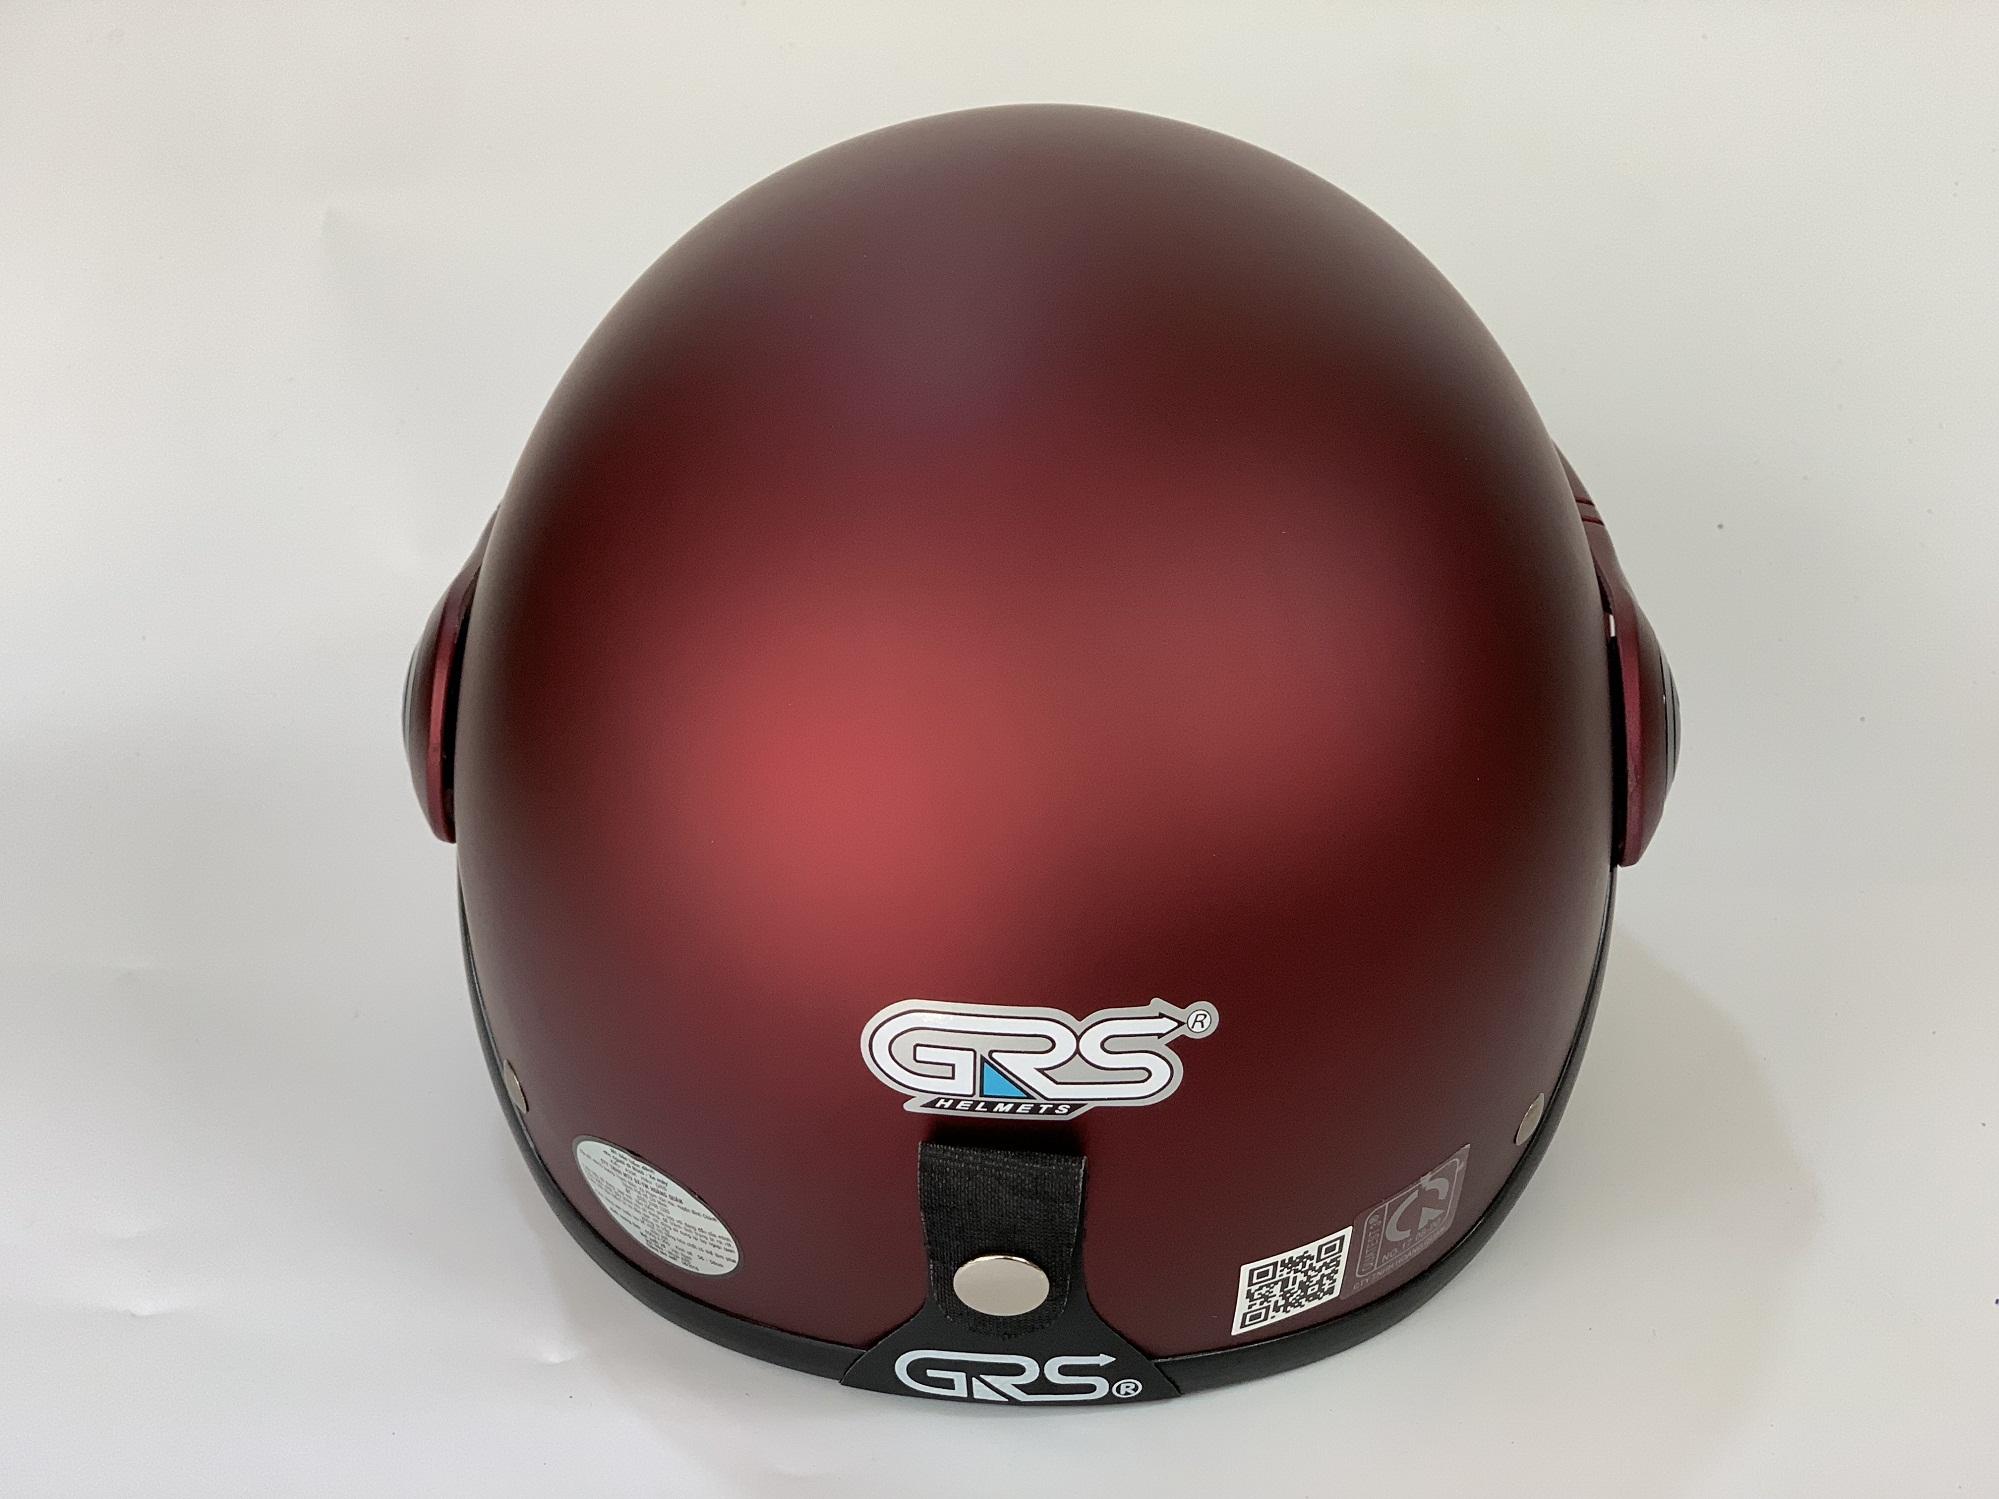 Mũ bảo hiểm GRS A33 kính- Huyền anh